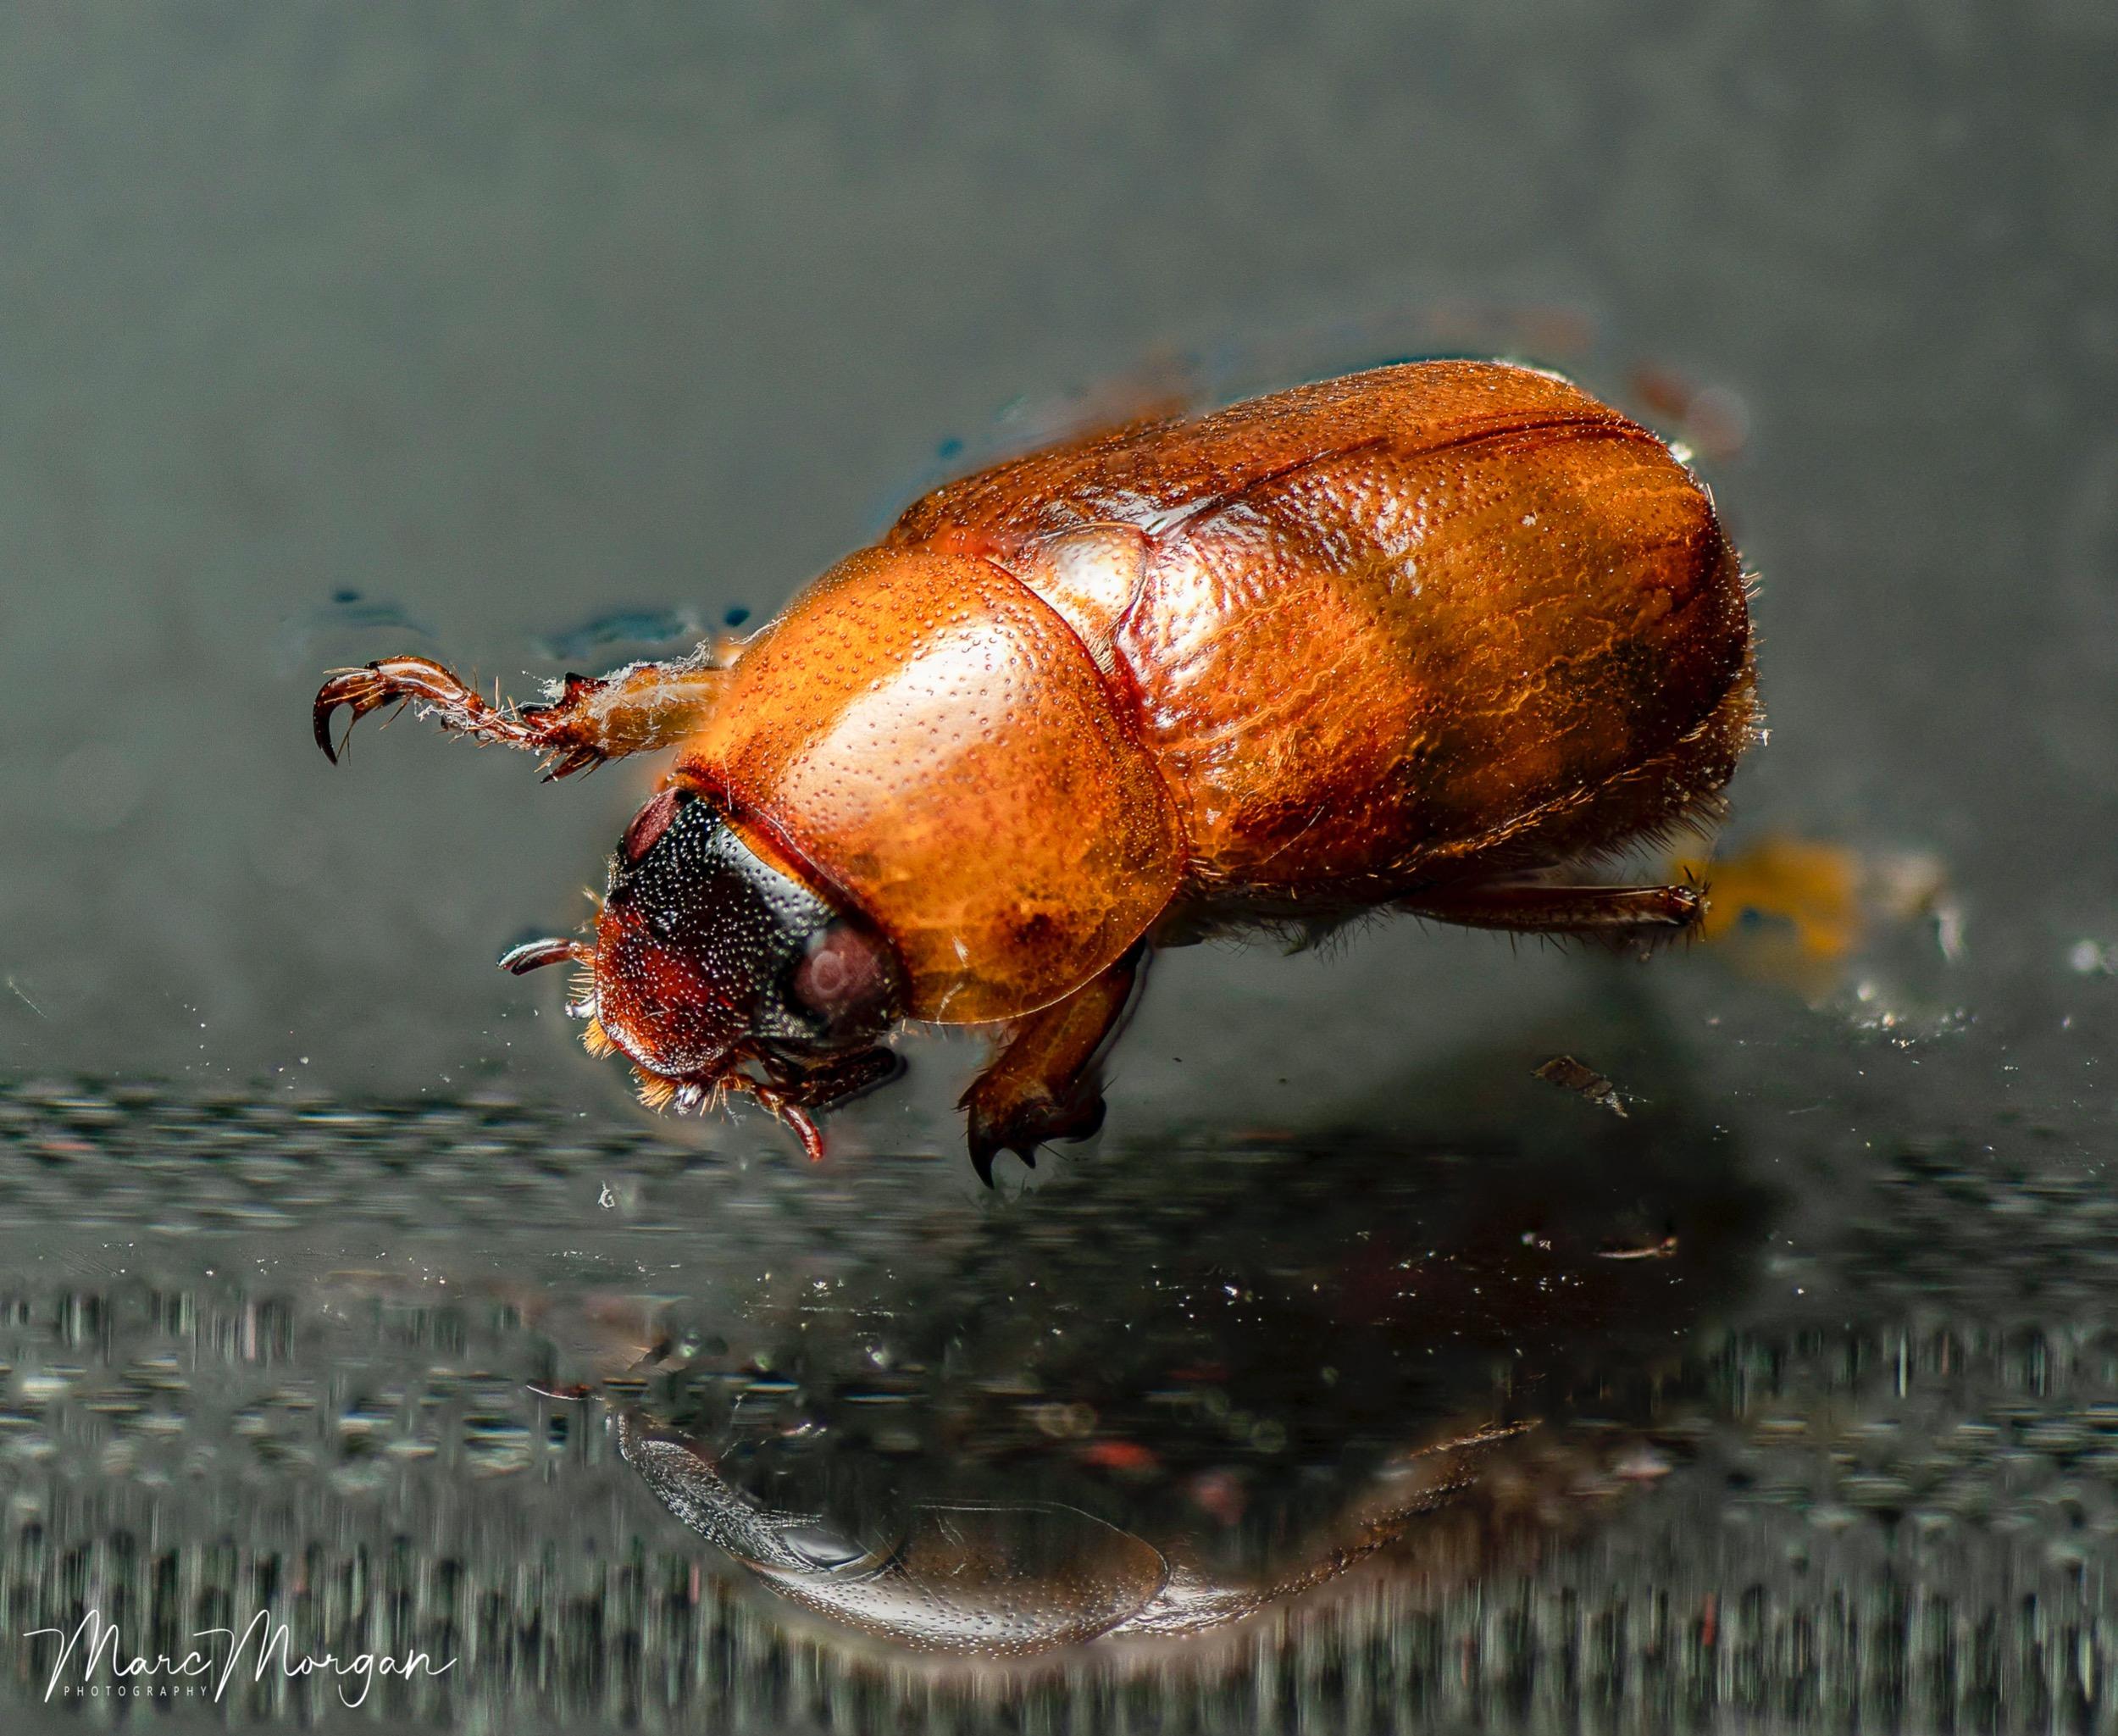 beetledorsalfinal-1.jpg